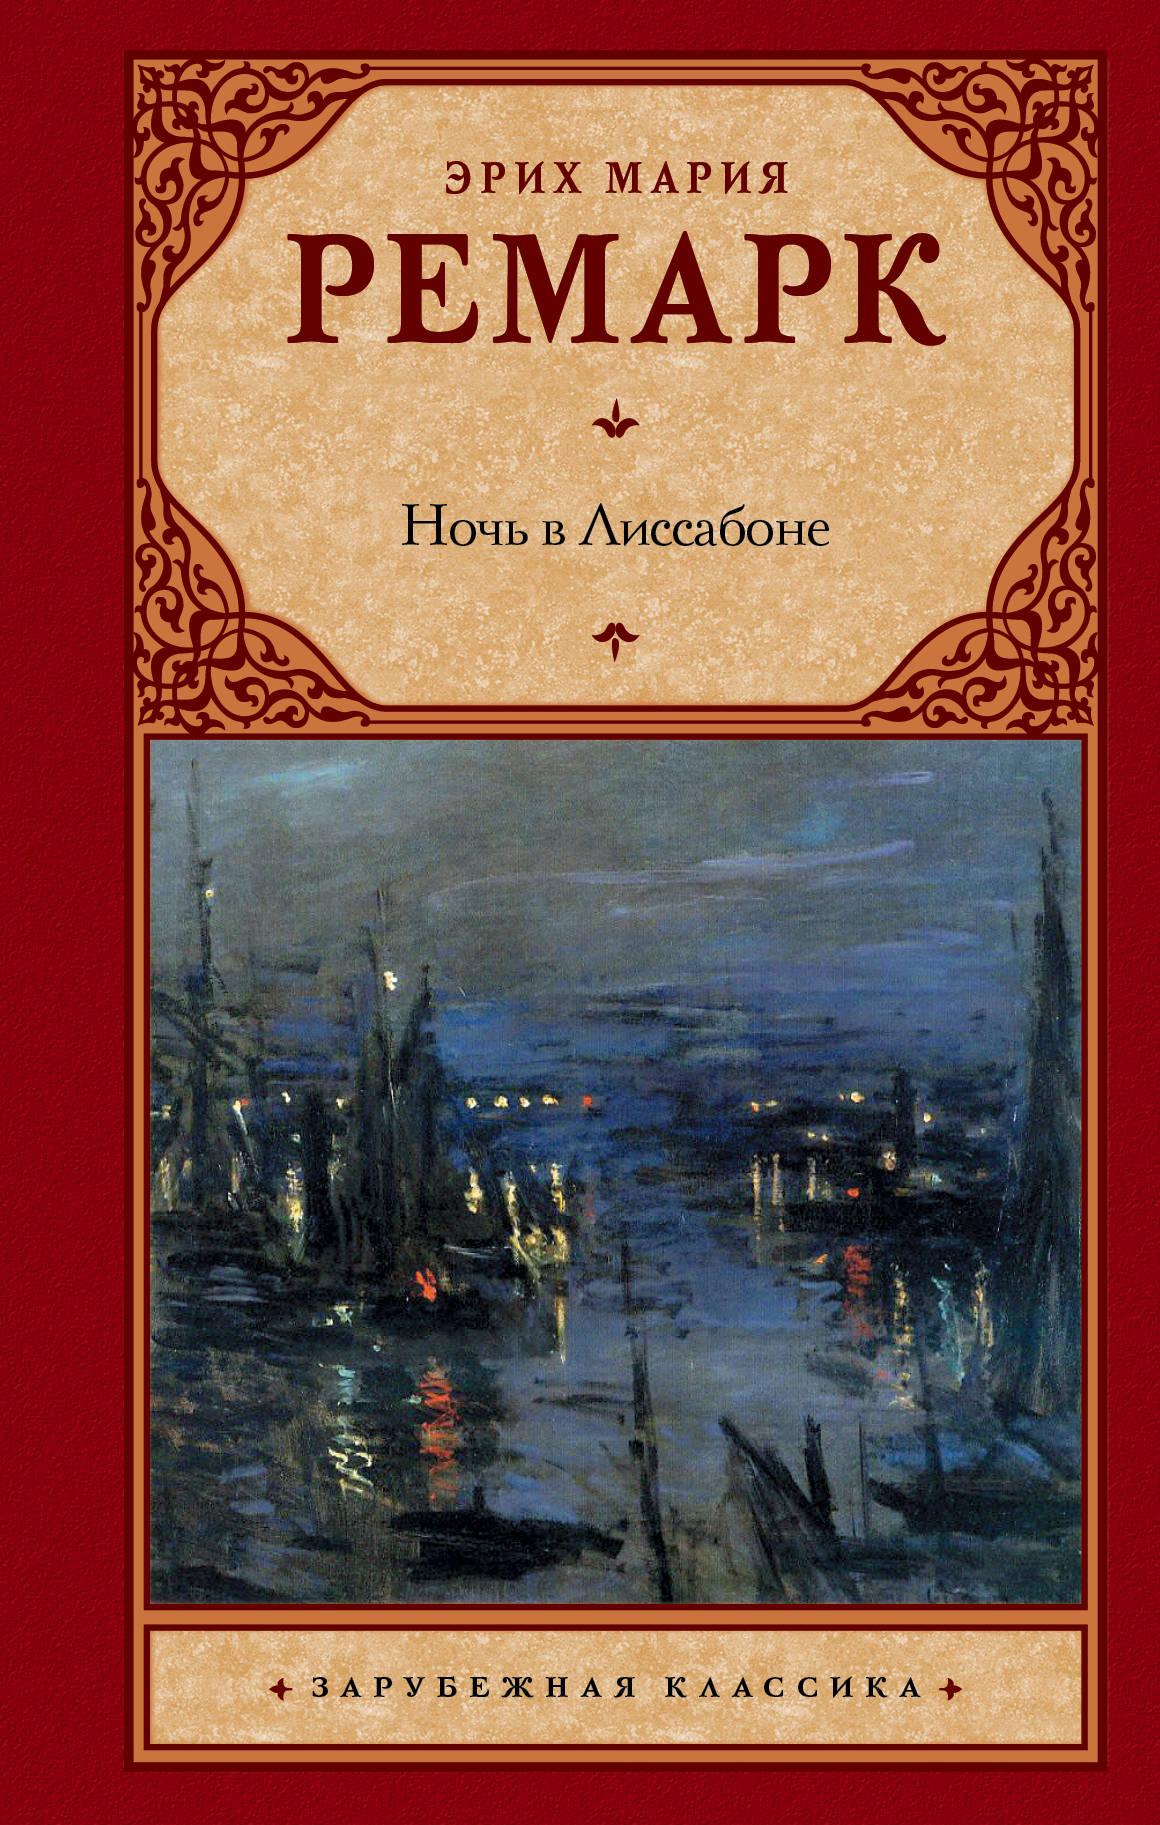 Скачать бесплатно книгу ремарк ночь в лиссабоне